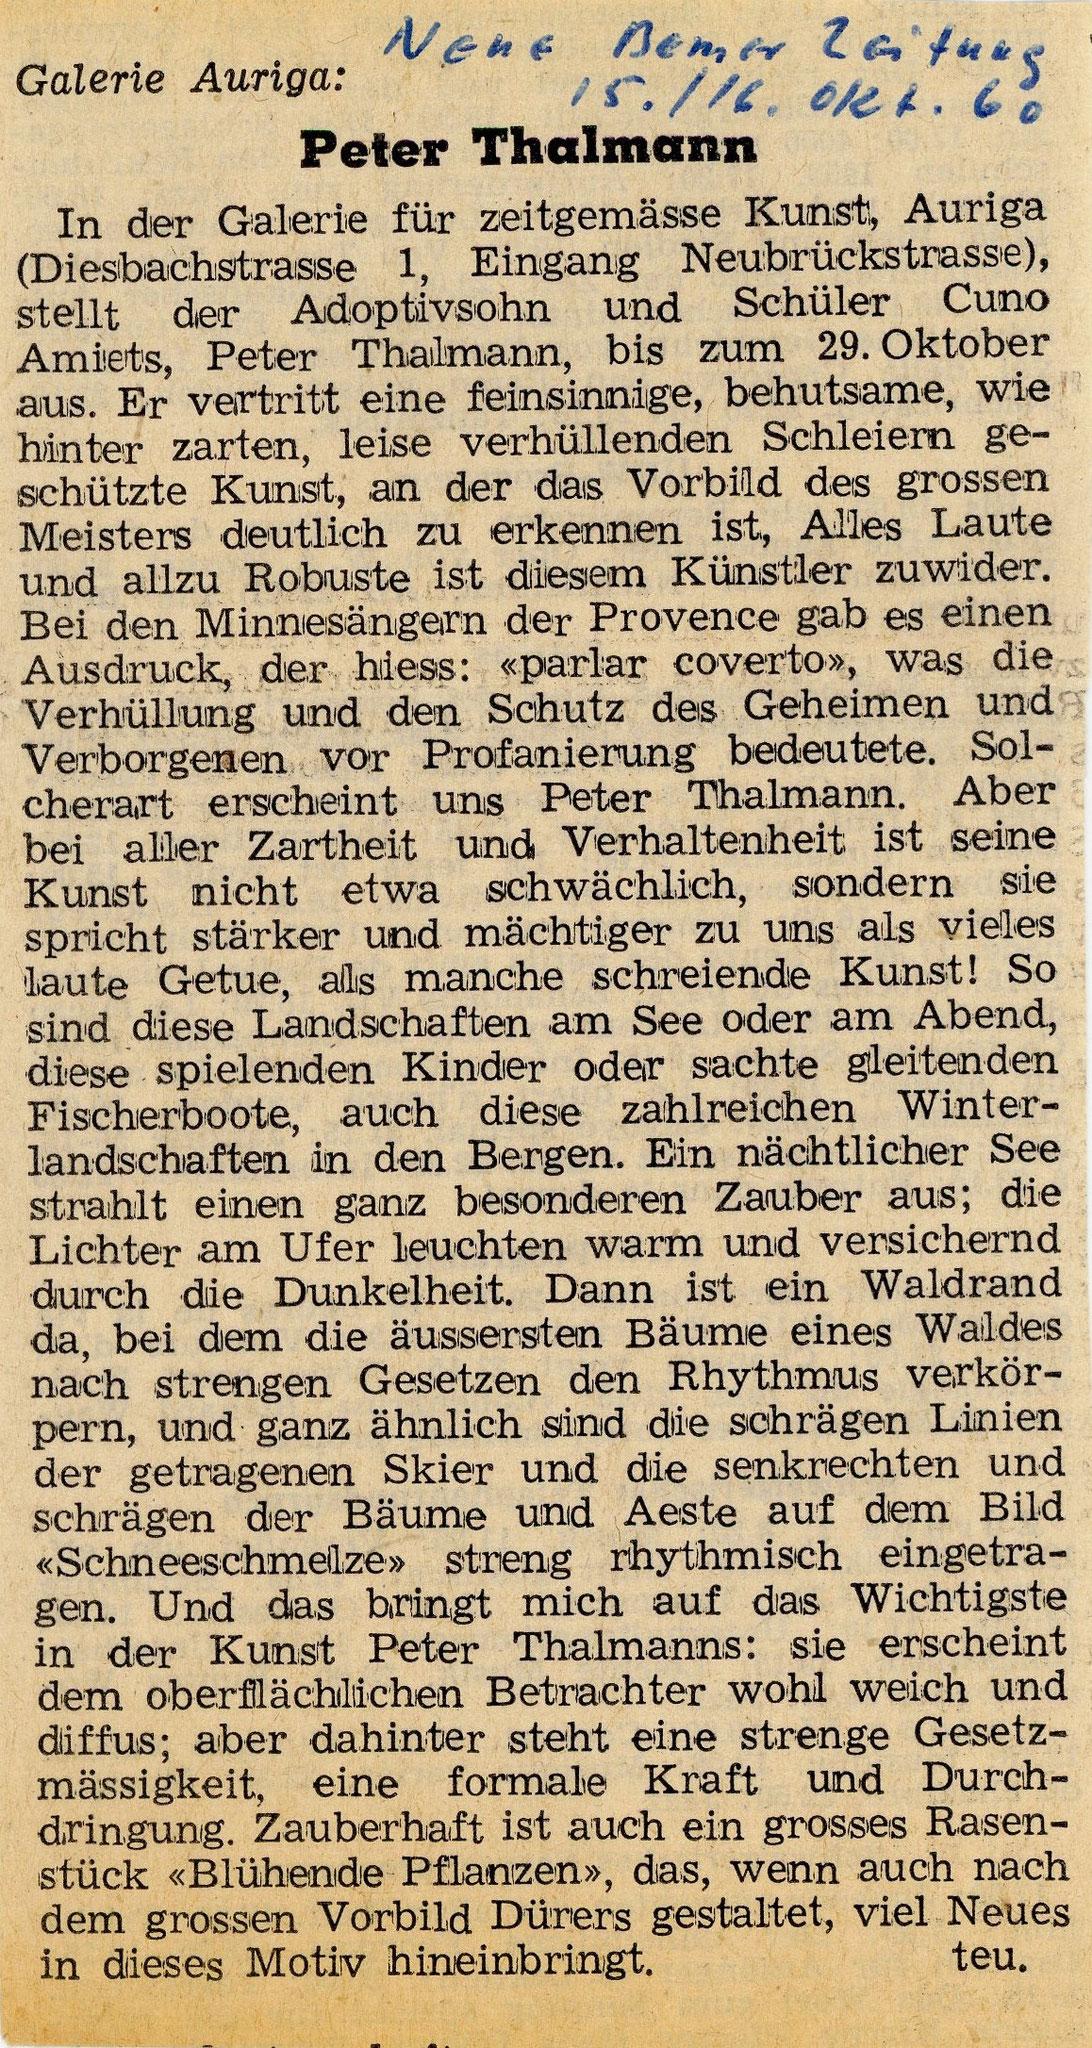 1960, Galerie Auriga: Zeitungsbericht